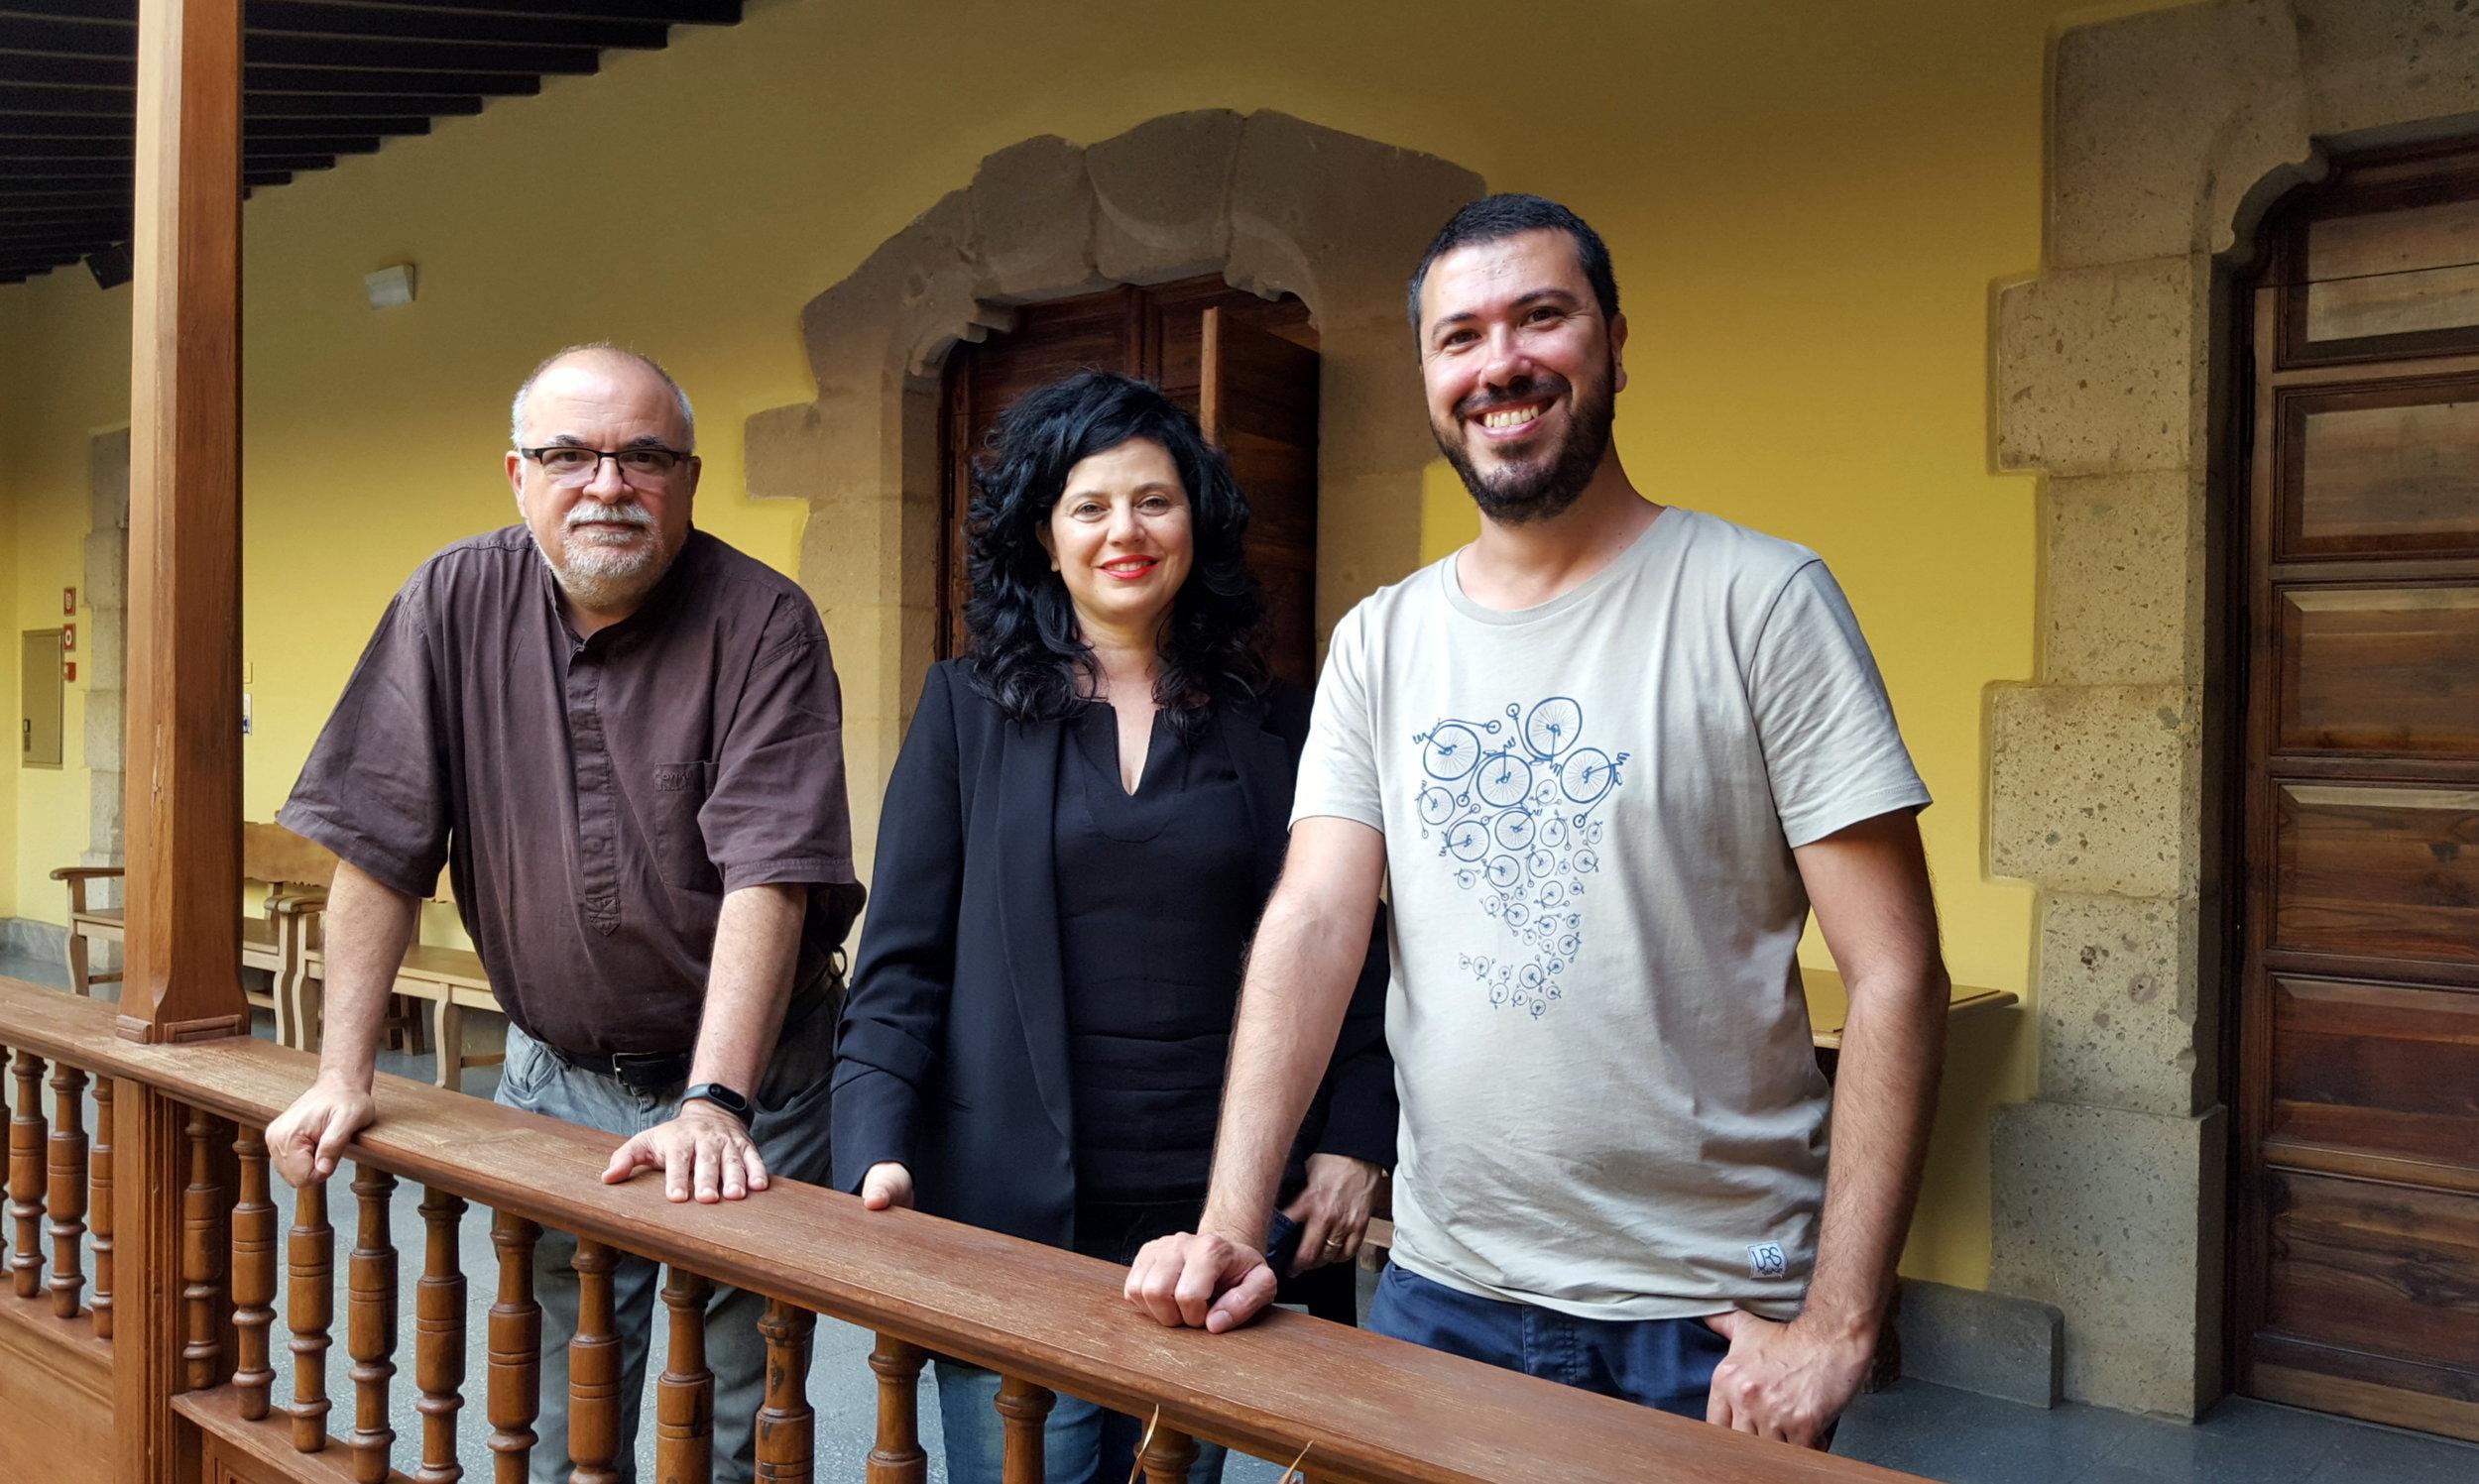 Posado del Jurado de Visionaria 2018 (Orlando Brito, Victoria Galván y Jonay García) tras la deliberación en la Casa de Colón.